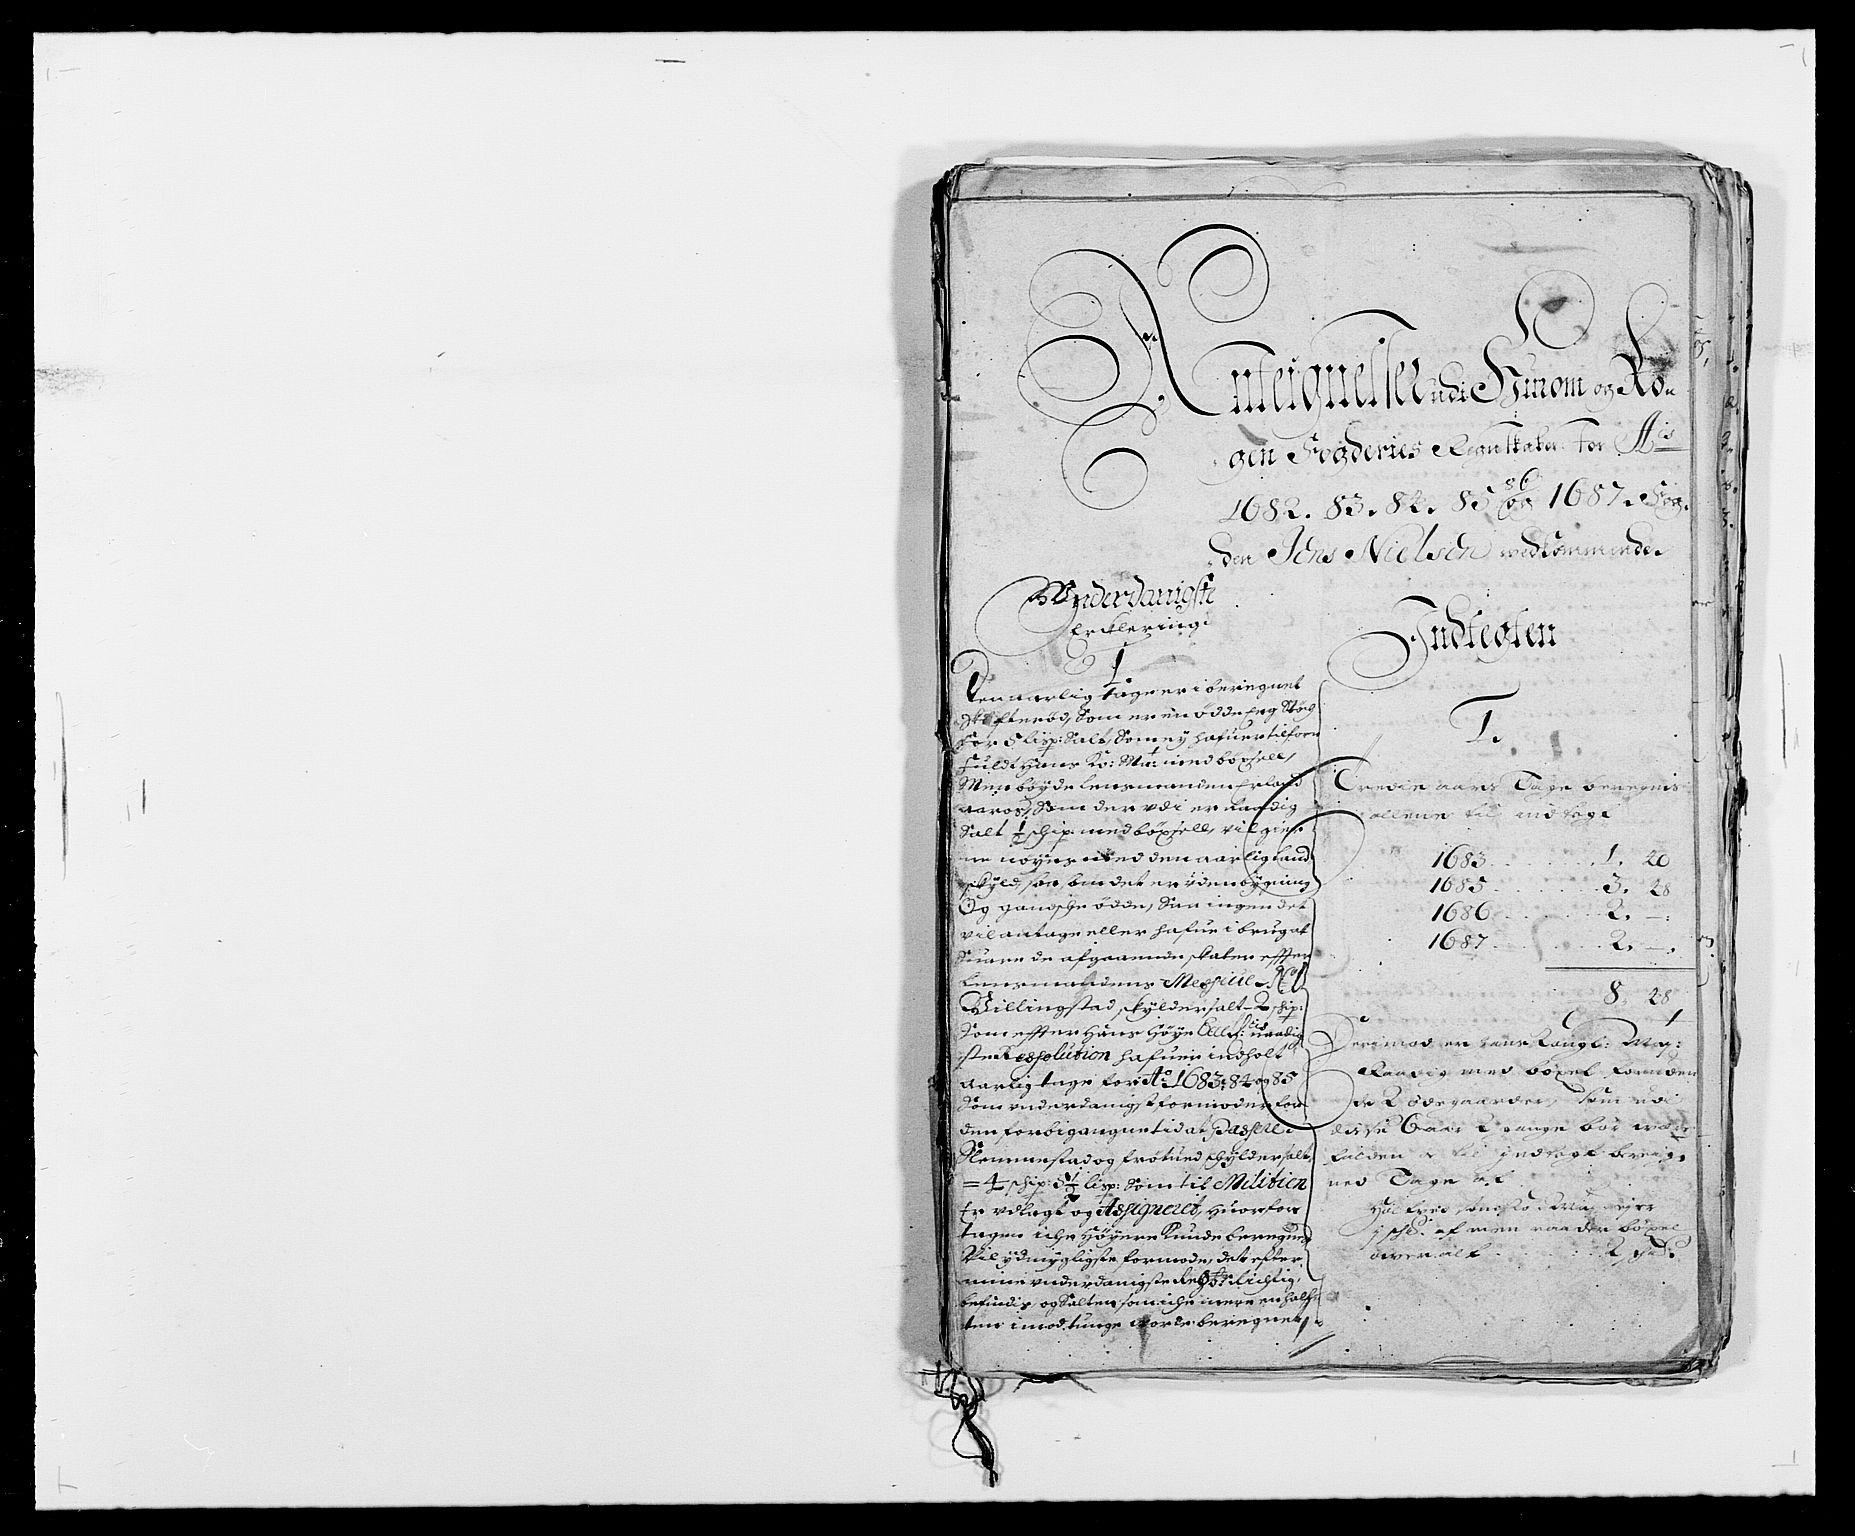 RA, Rentekammeret inntil 1814, Reviderte regnskaper, Fogderegnskap, R29/L1693: Fogderegnskap Hurum og Røyken, 1688-1693, s. 318